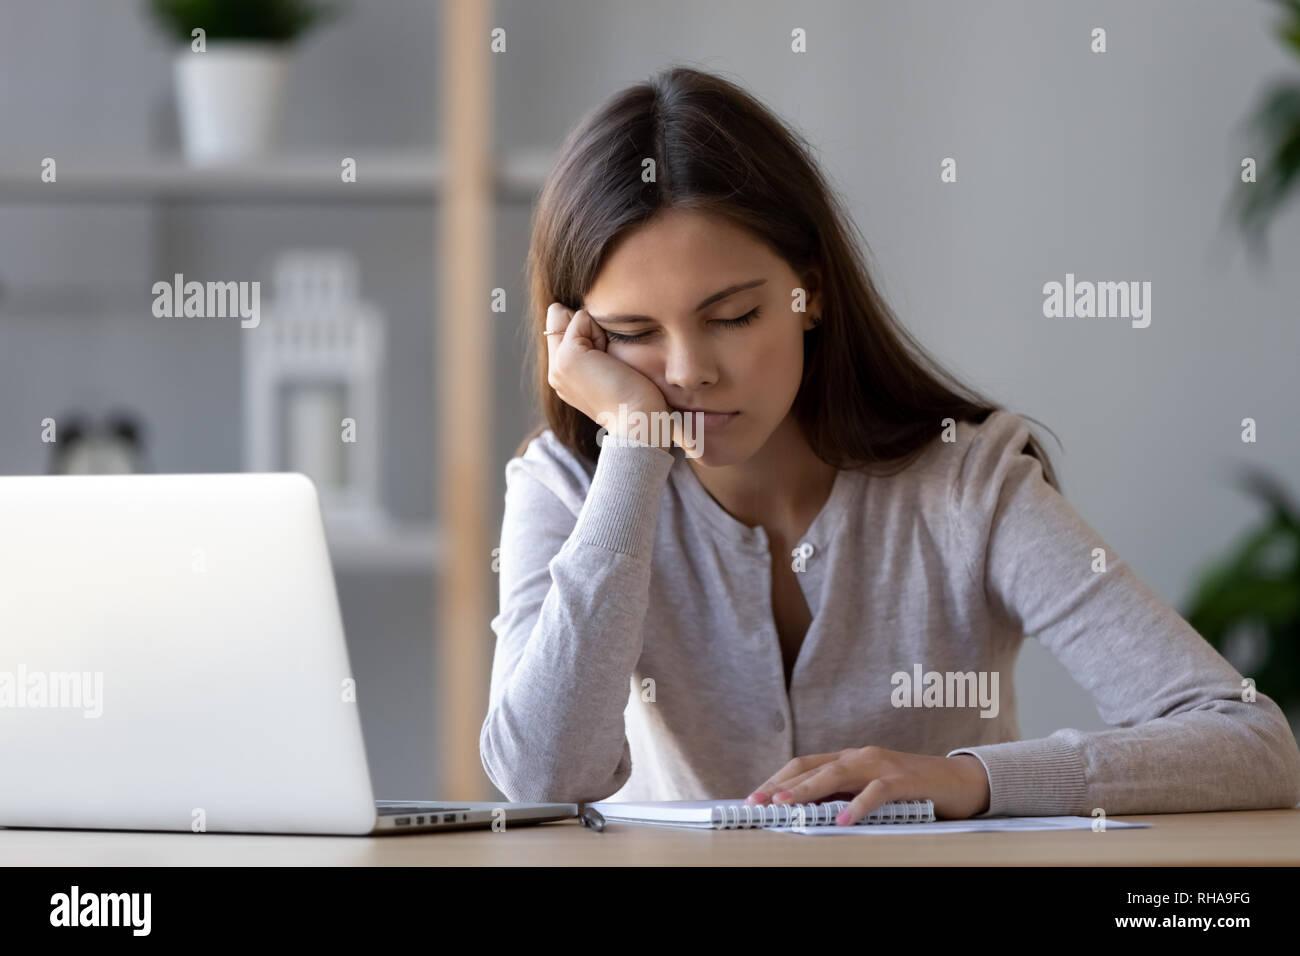 Lustige Frau Ruht Auf Hand Schlafen Am Arbeitsplatz Langweilen Stockfotografie Alamy